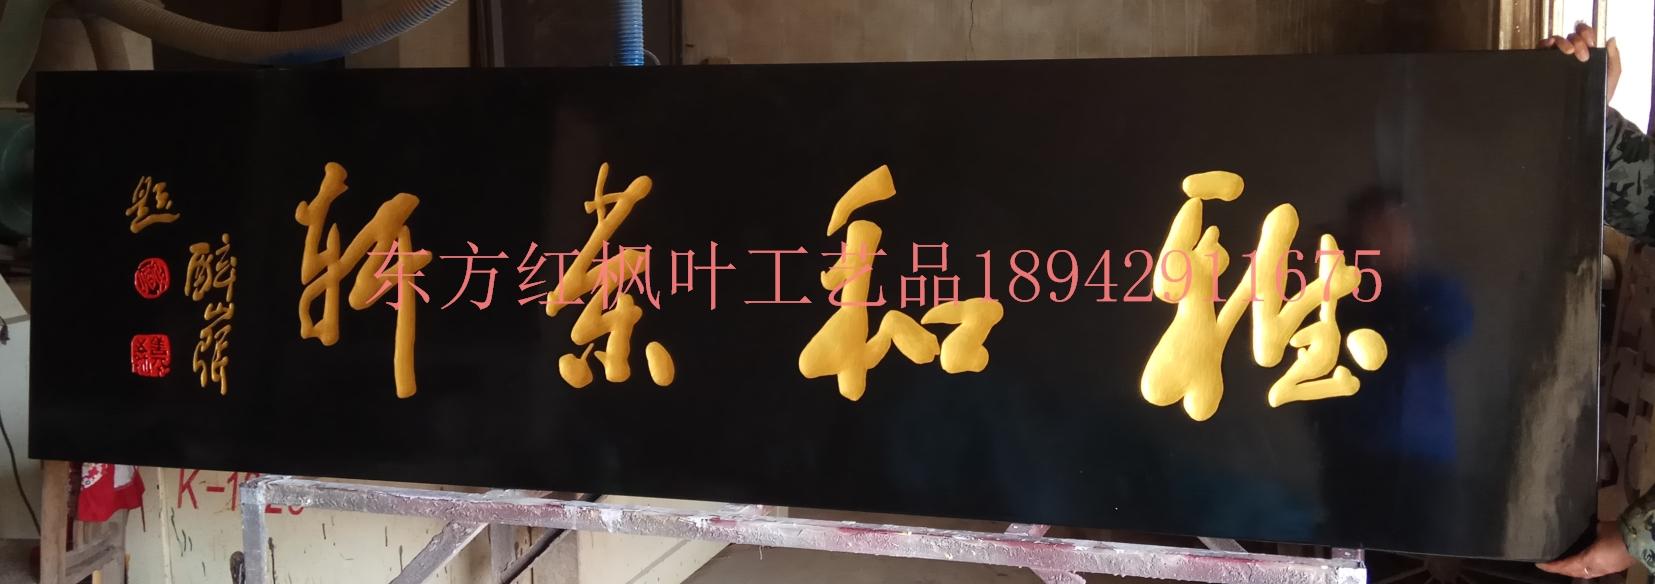 咸宁防腐木牌匾、对联制作,来图定制,厂家发货